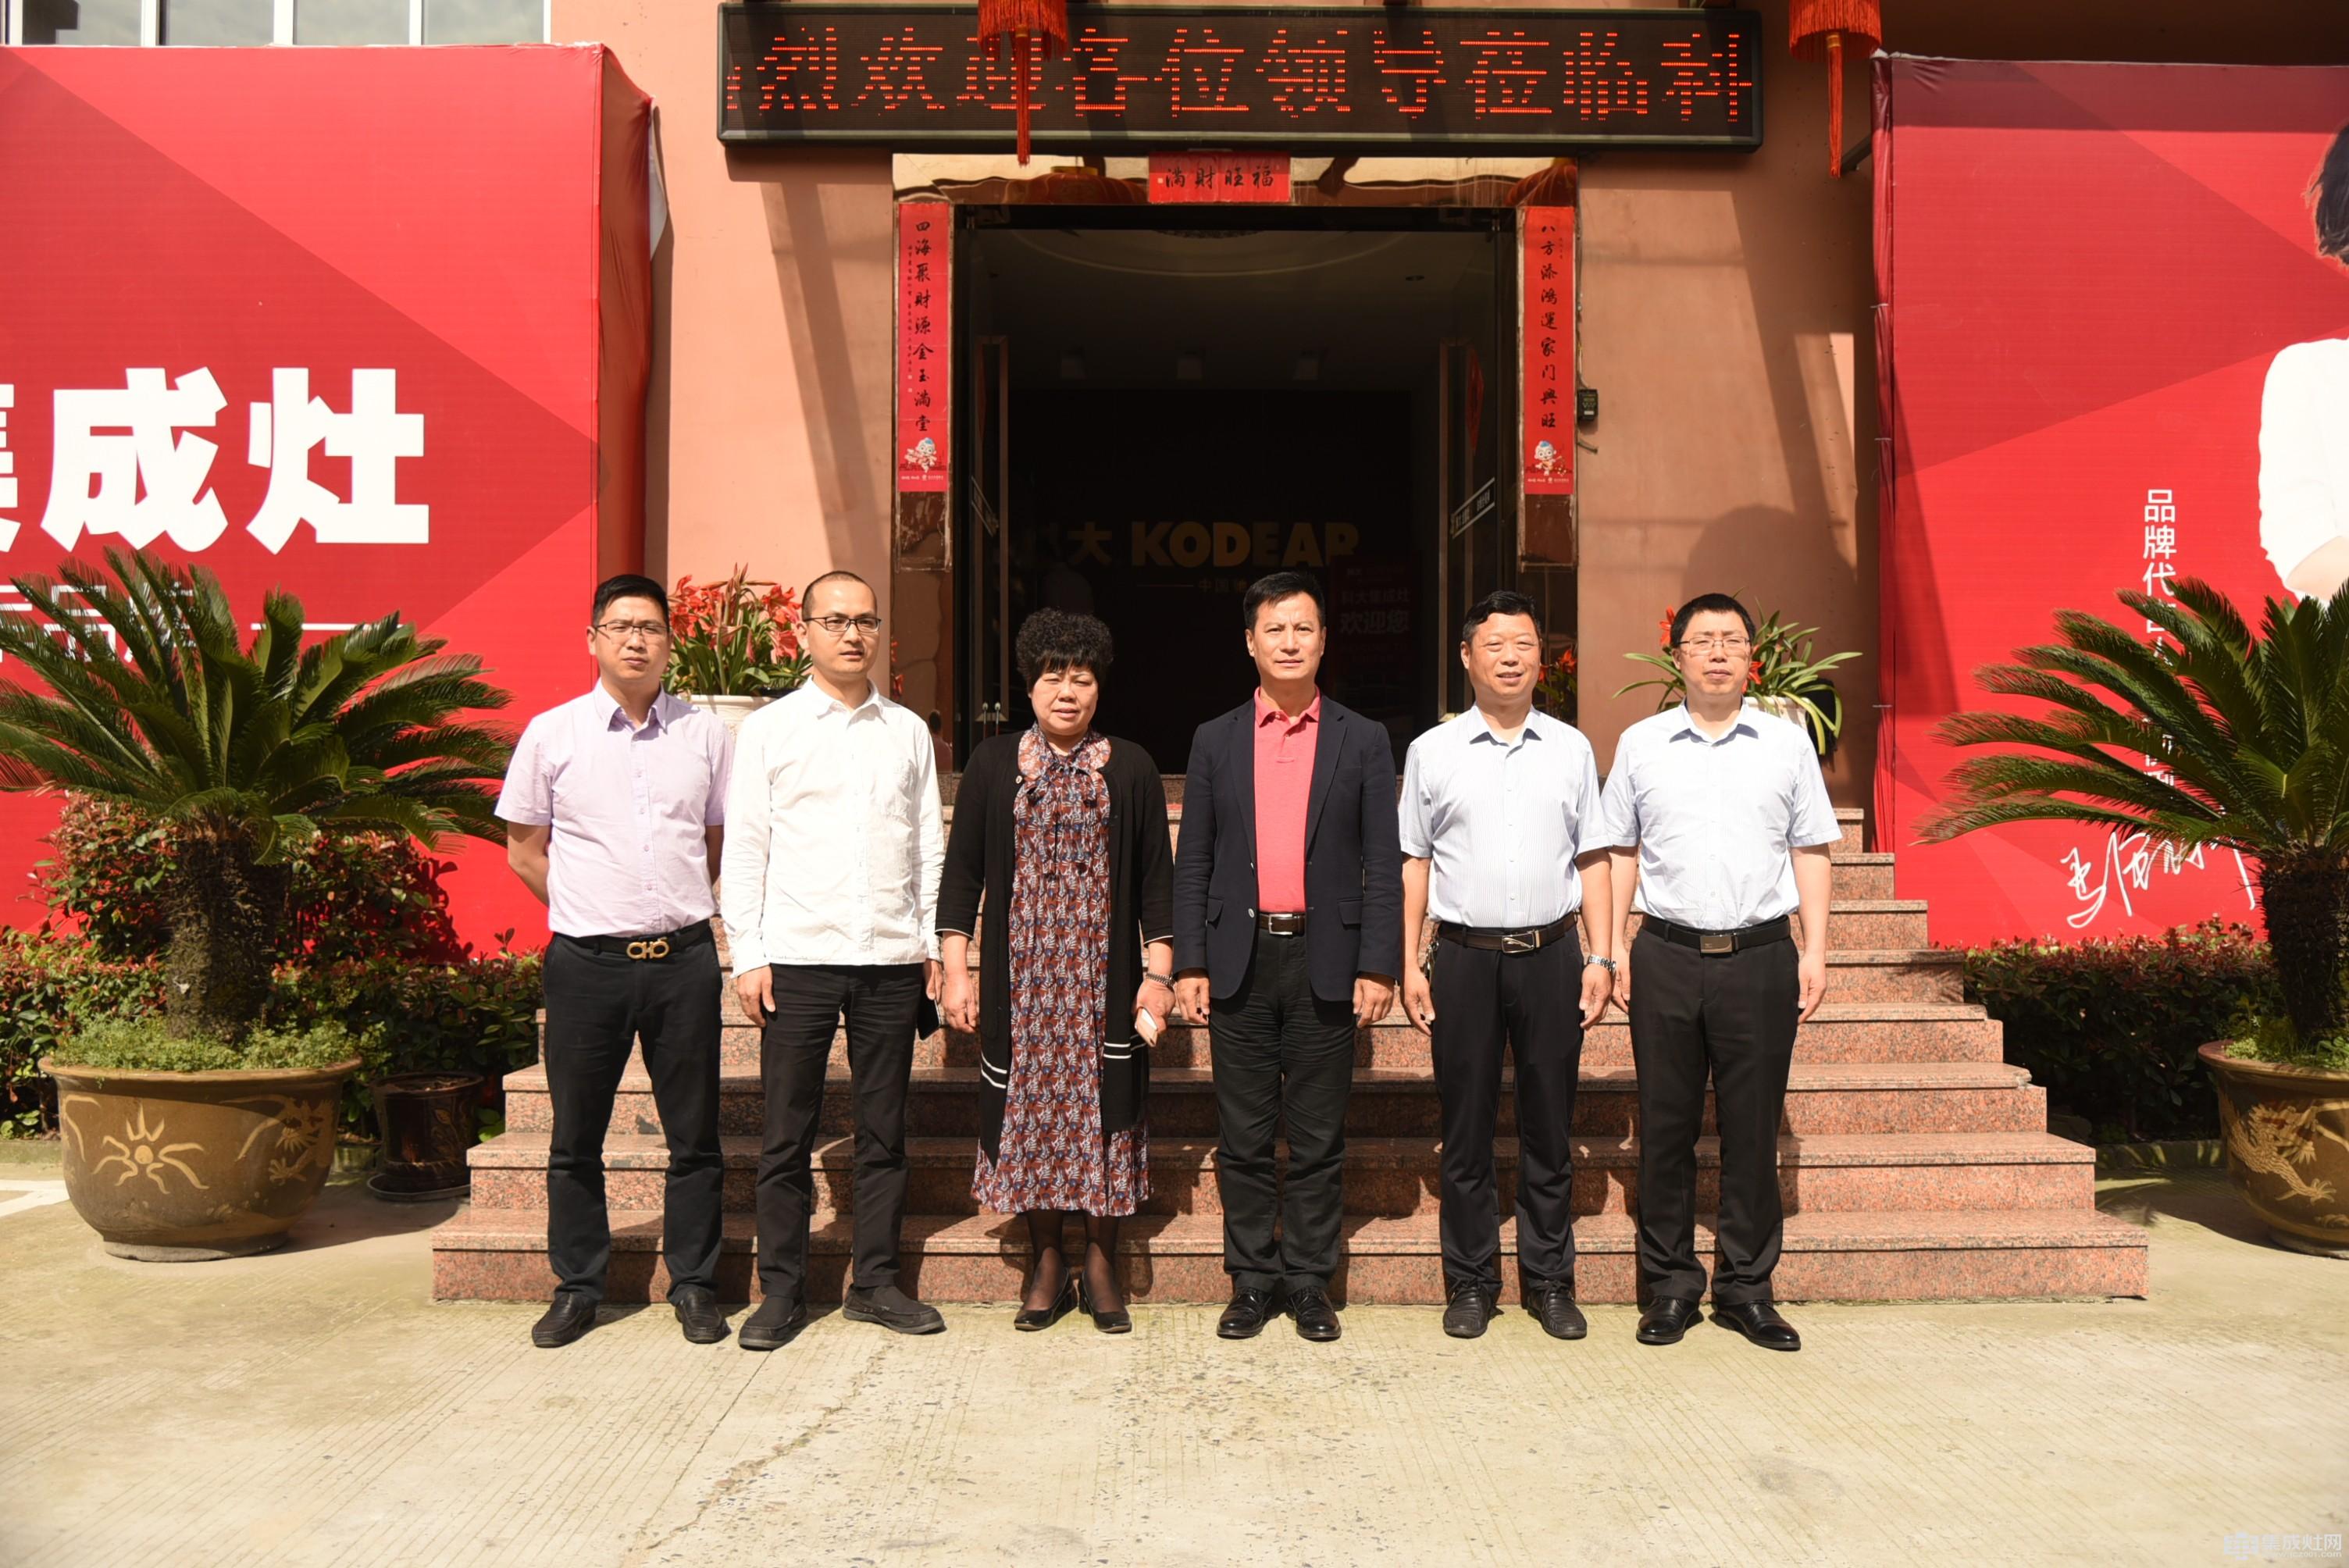 科大集成灶当选中国五金制品协会吸油烟机分会理事会会员单位